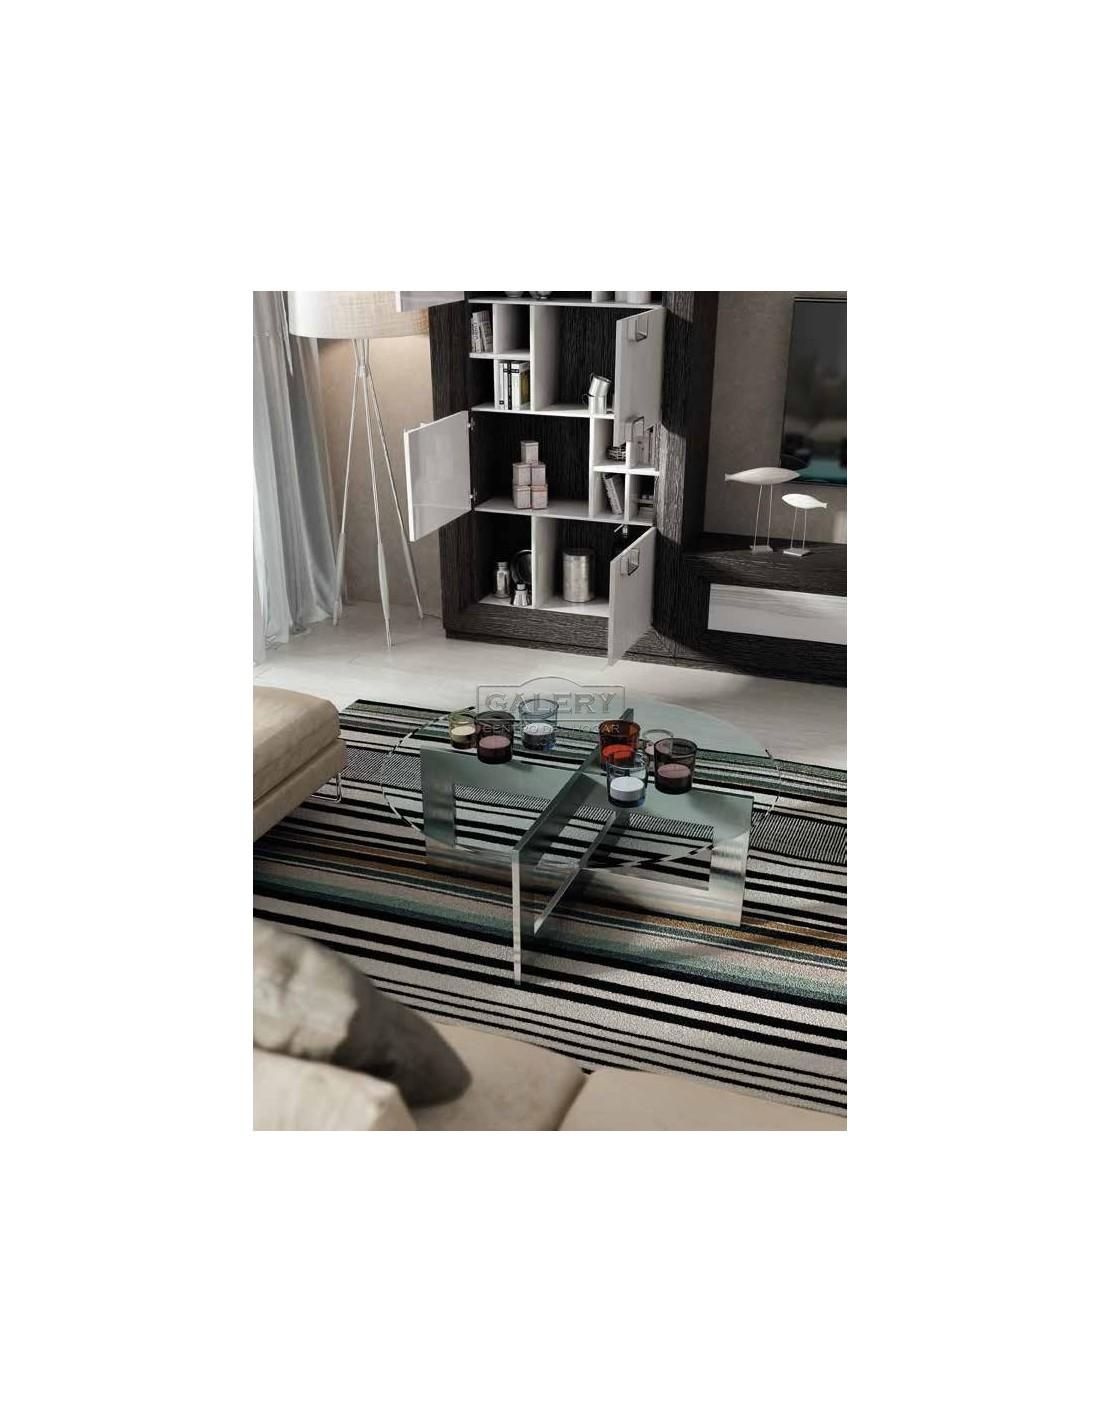 Mueble bar klass galery mobiliario centro del hogar for Hogar del mueble